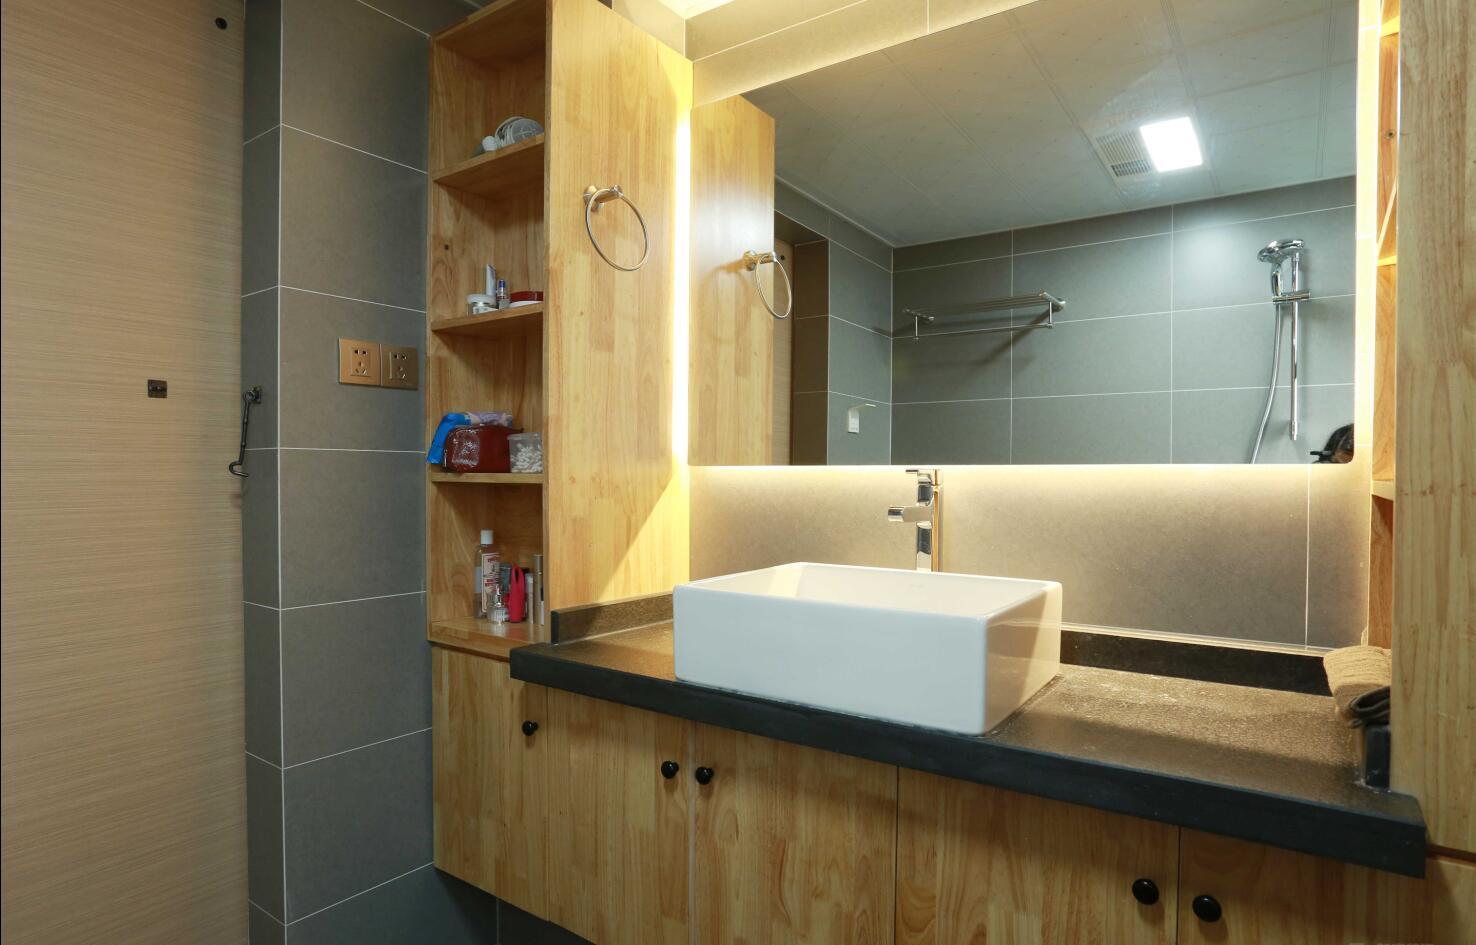 装修设计—(设计预约:182-9186-6197)业主是一对小夫妻,舒适安静的生活是他们所向往的,设计师根据业主的需求,见面沟通后,最终确定为简约、舒适的北欧风格。小夫妻都喜欢北欧风,喜欢回到家那种轻松的感觉、所以委托设计师将整个空间打造的舒适自然。浅咖与原木,浅咖与暖黄,一切都是暖暖的。树枝形玻璃泡泡球客厅灯,搭配两盏吊灯,加上旁边垂下来的圆桶灯,时尚感爆棚。客厅没有太多的繁琐装饰,最终形成了独具特色的北欧风格。它代表了一种回归自然的时尚美。业主不喜欢繁杂的东西,这也体现在电视墙上。把注重舒适度体验感放在首位,灰咖的电视背景墙加上三盏射灯,一场小确型的短剧也能看出文艺大片的感觉。装修设计—(